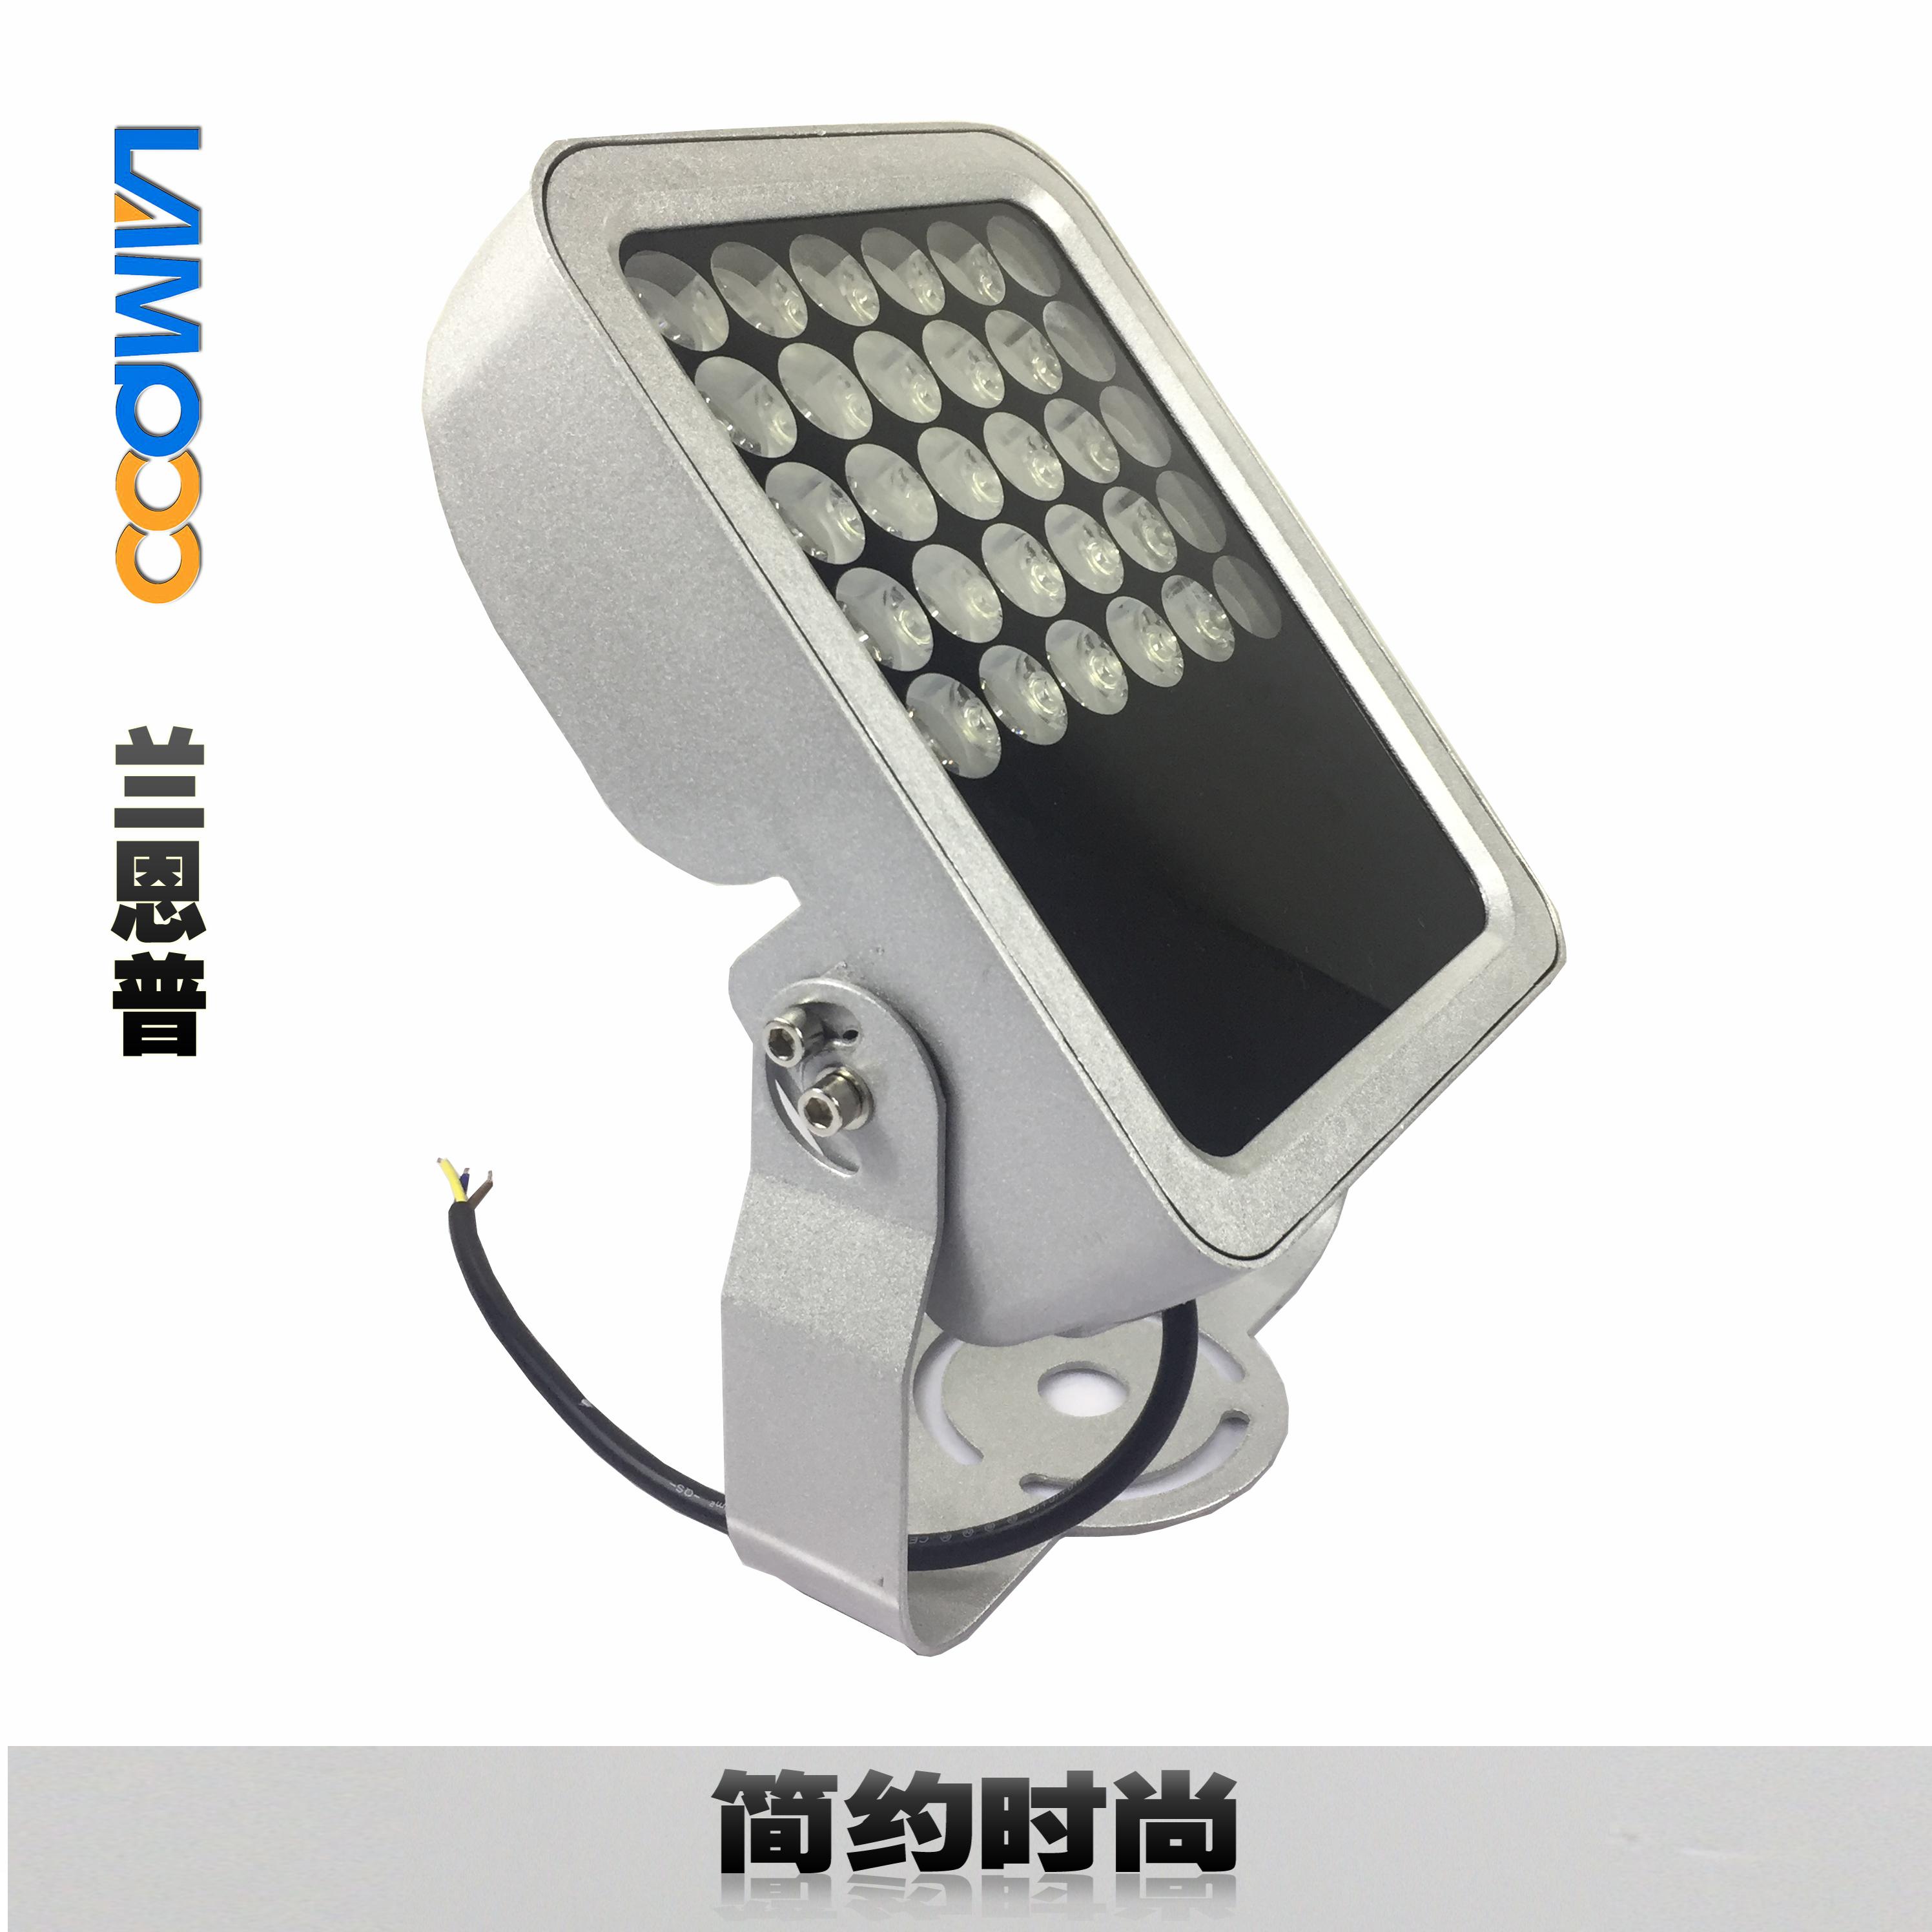 广东新款LED投光灯生产厂家 优质LED投光灯 LED投光灯批发